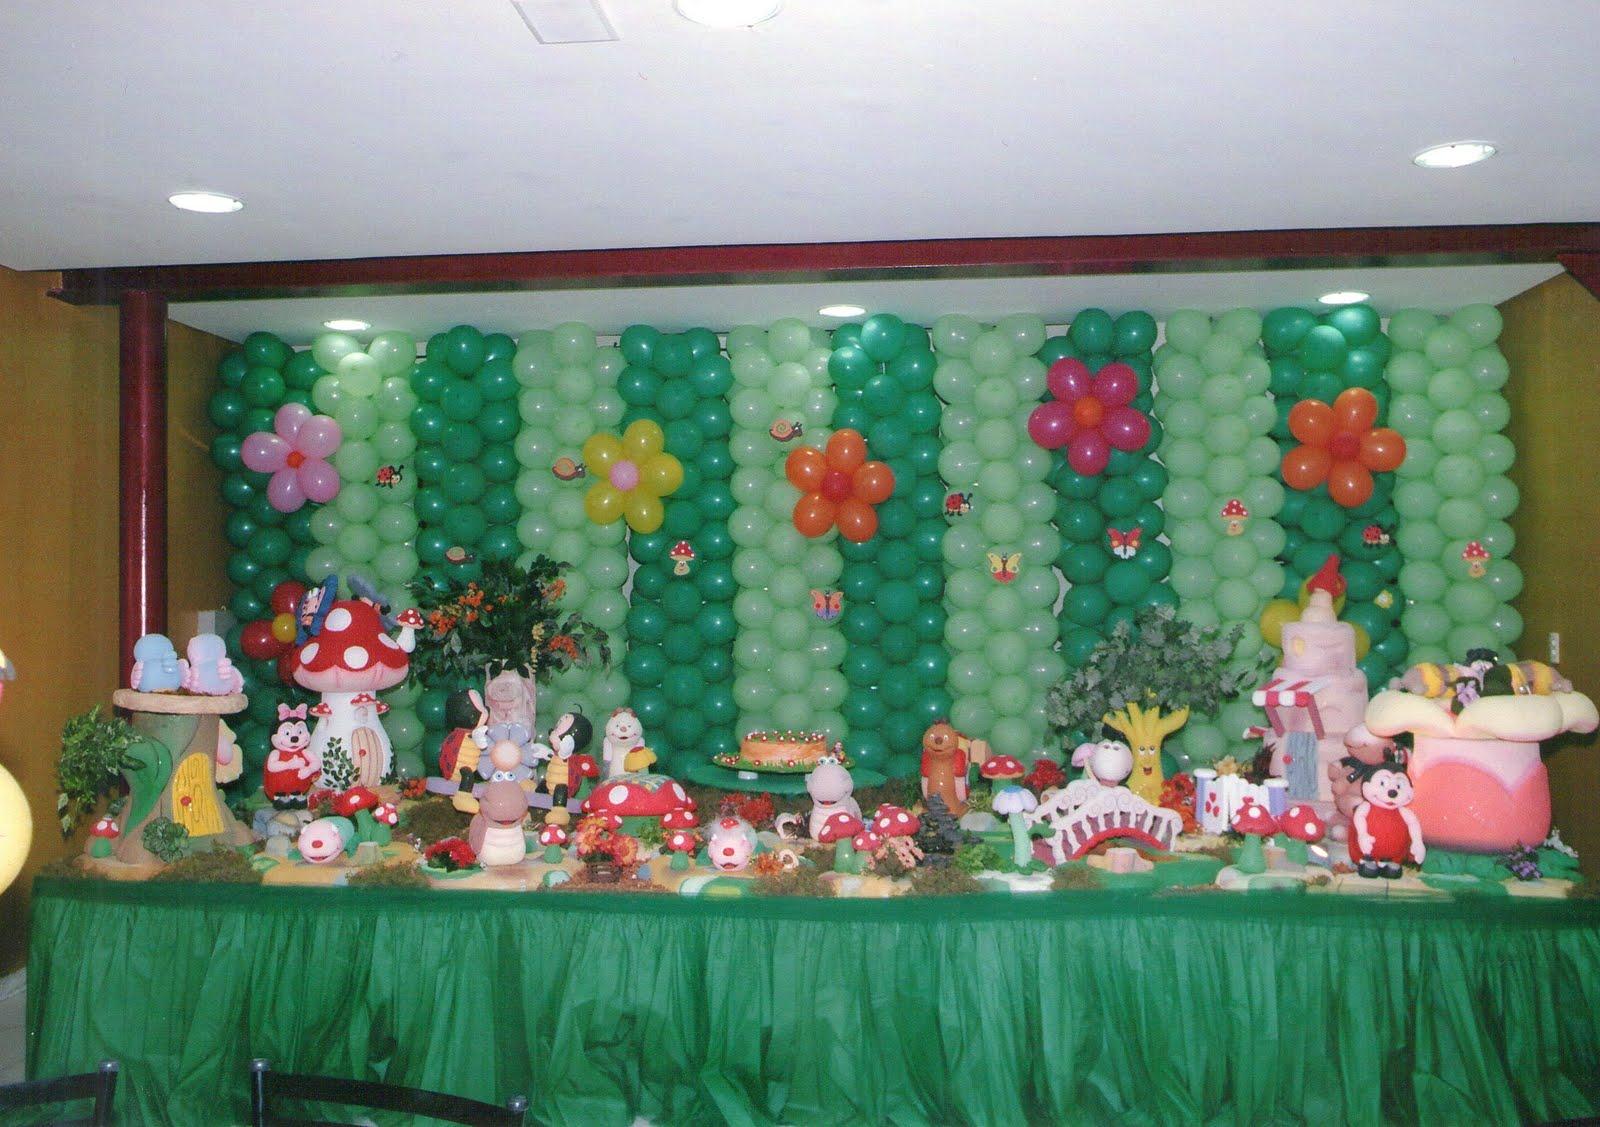 decoracao de mesa tema jardim encantado : decoracao de mesa tema jardim encantado:Artes, Decorações de Festas e Lembranças: Jardim Encantado da